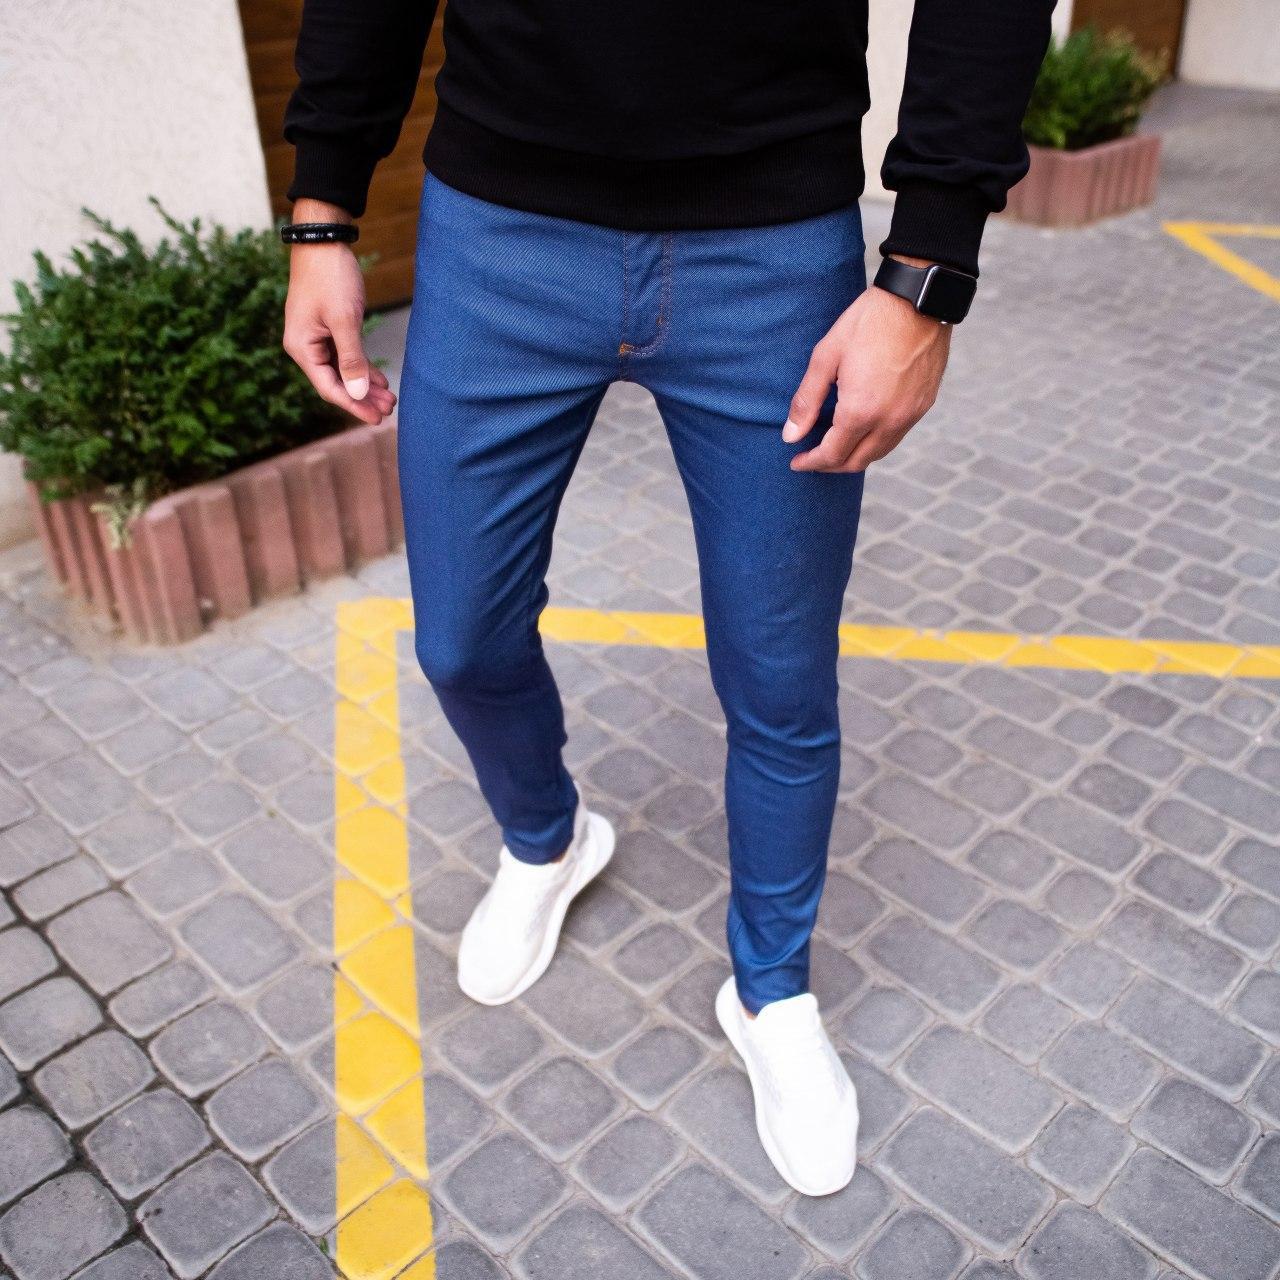 Чоловічі джинси Poleteli Pobedov (ясно-сині)